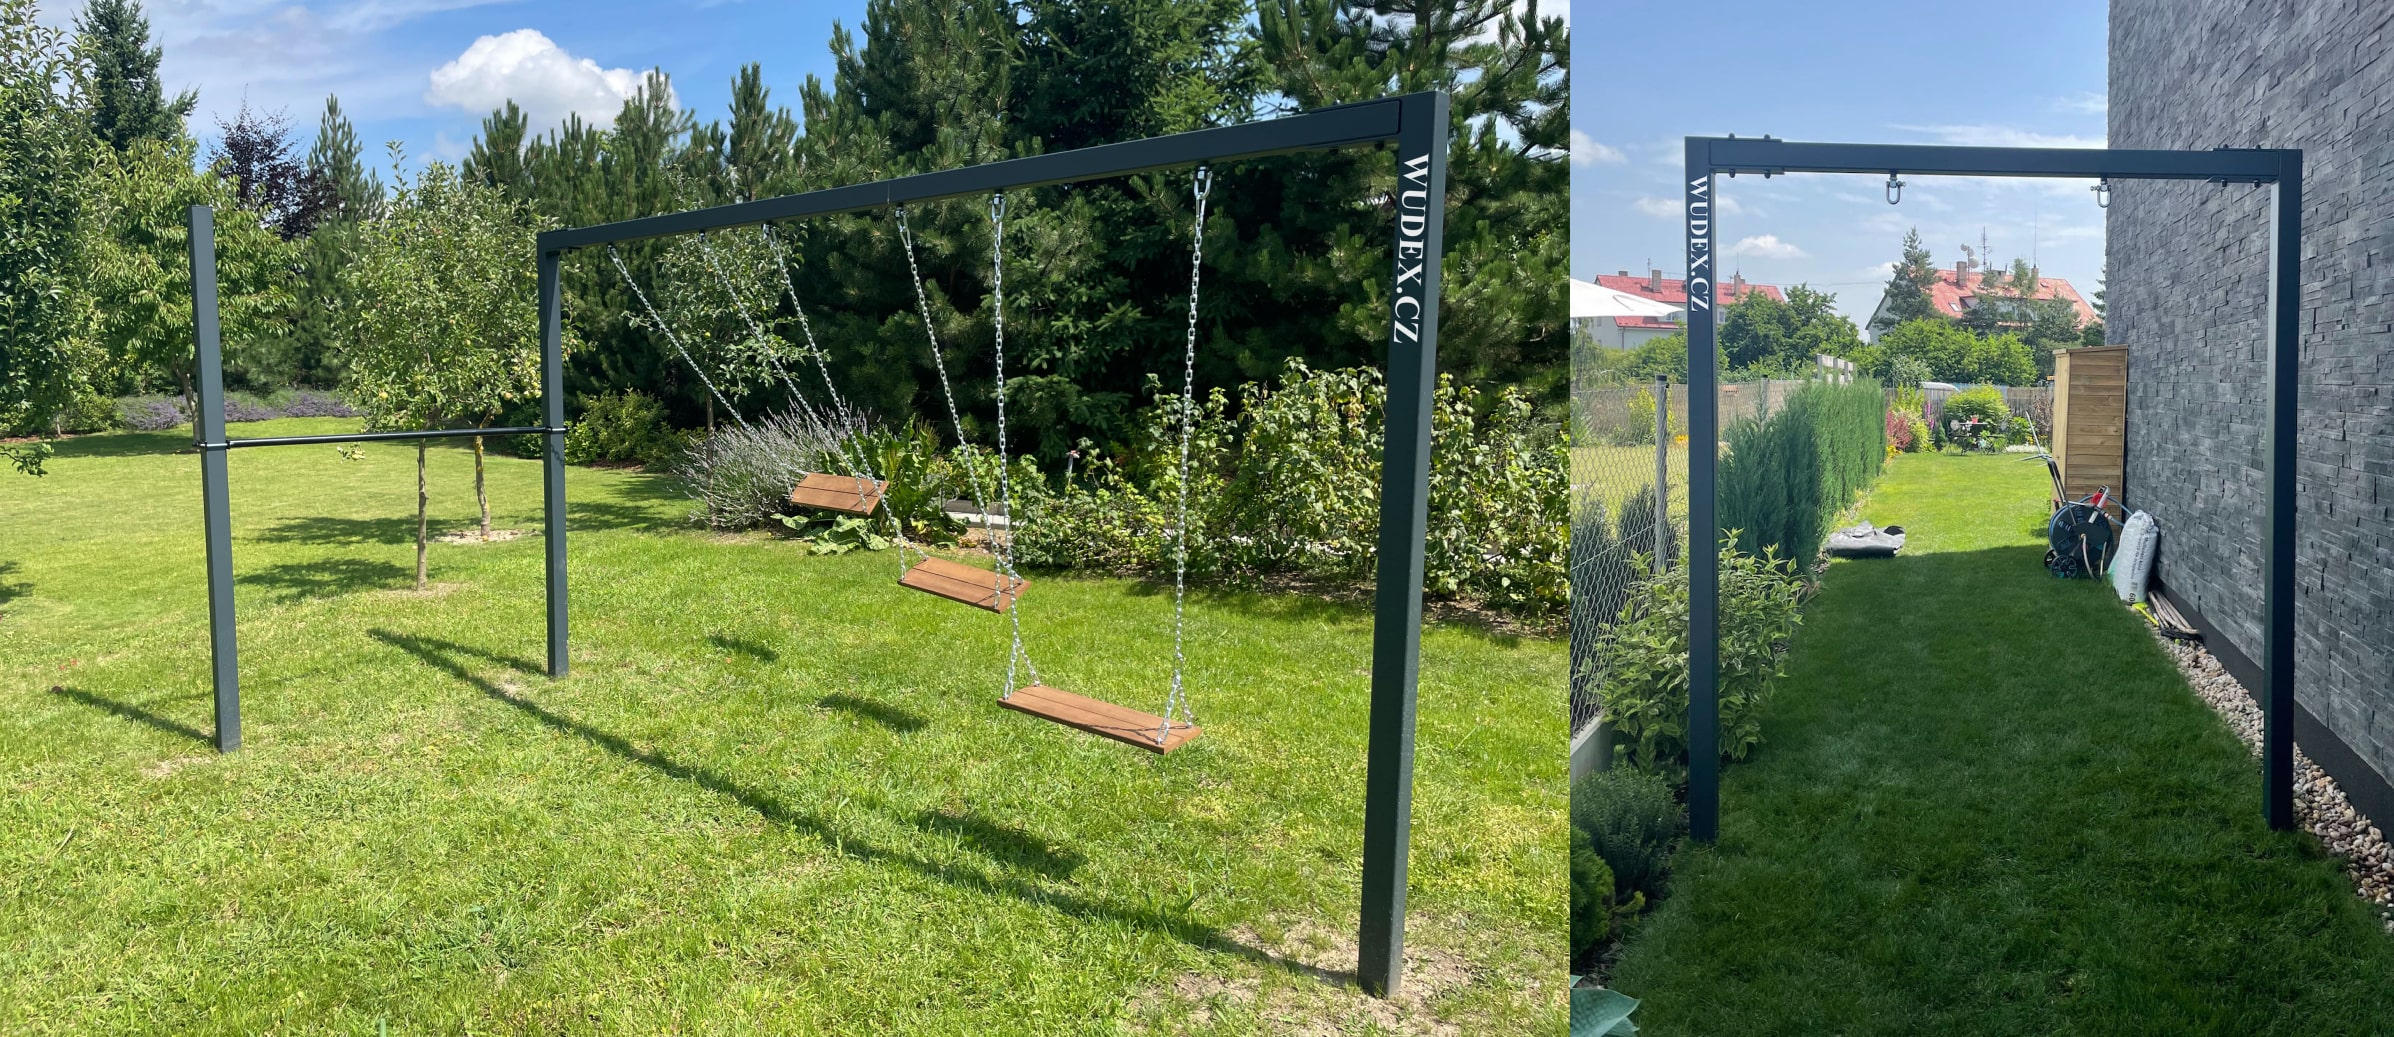 Zahradní houpačka pro děti a dospělé